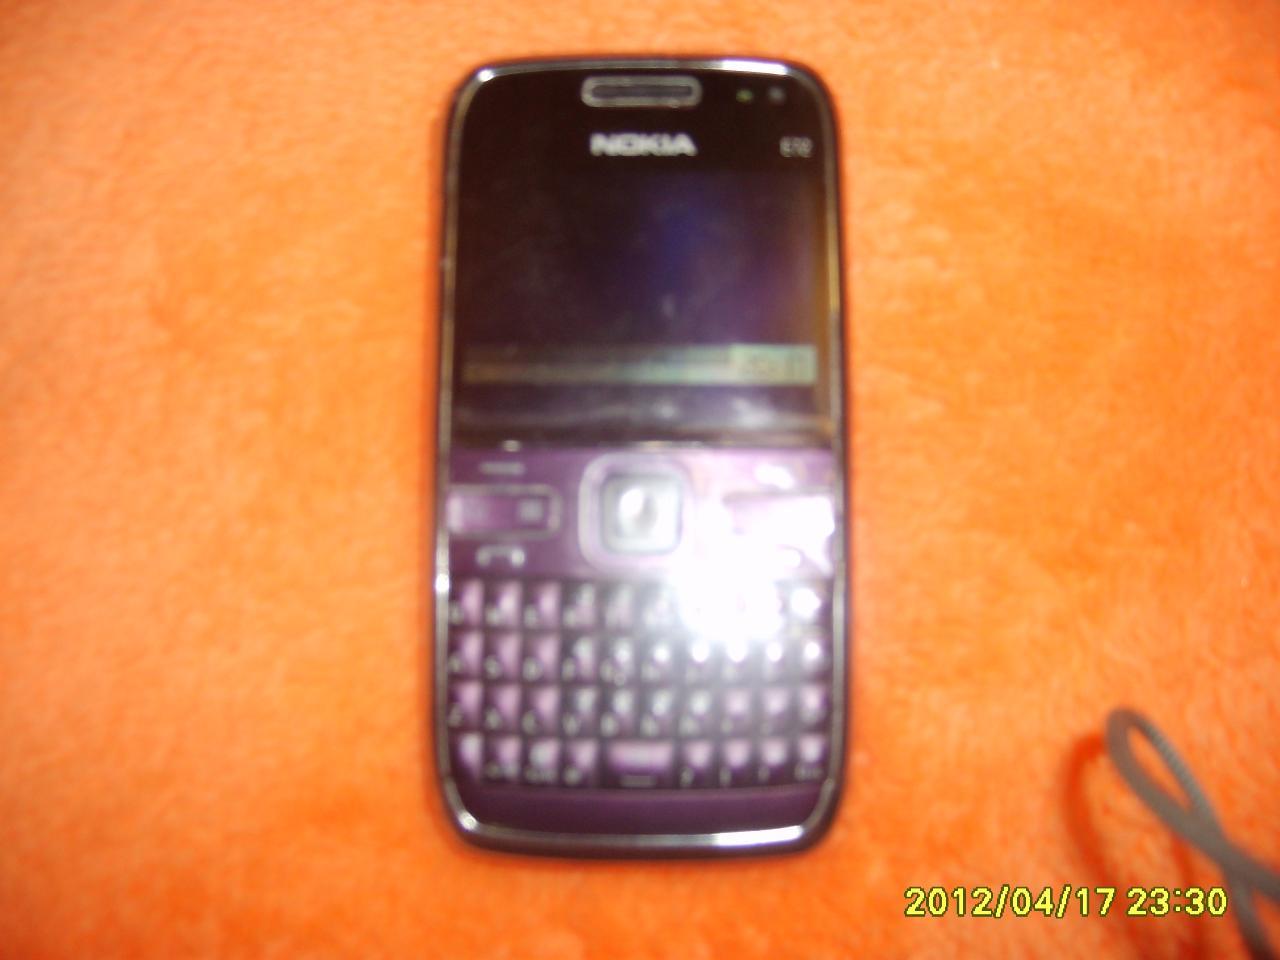 400 元 出售诺基亚 /strong>5320手机 200 元 朋友送的三星i9300便宜